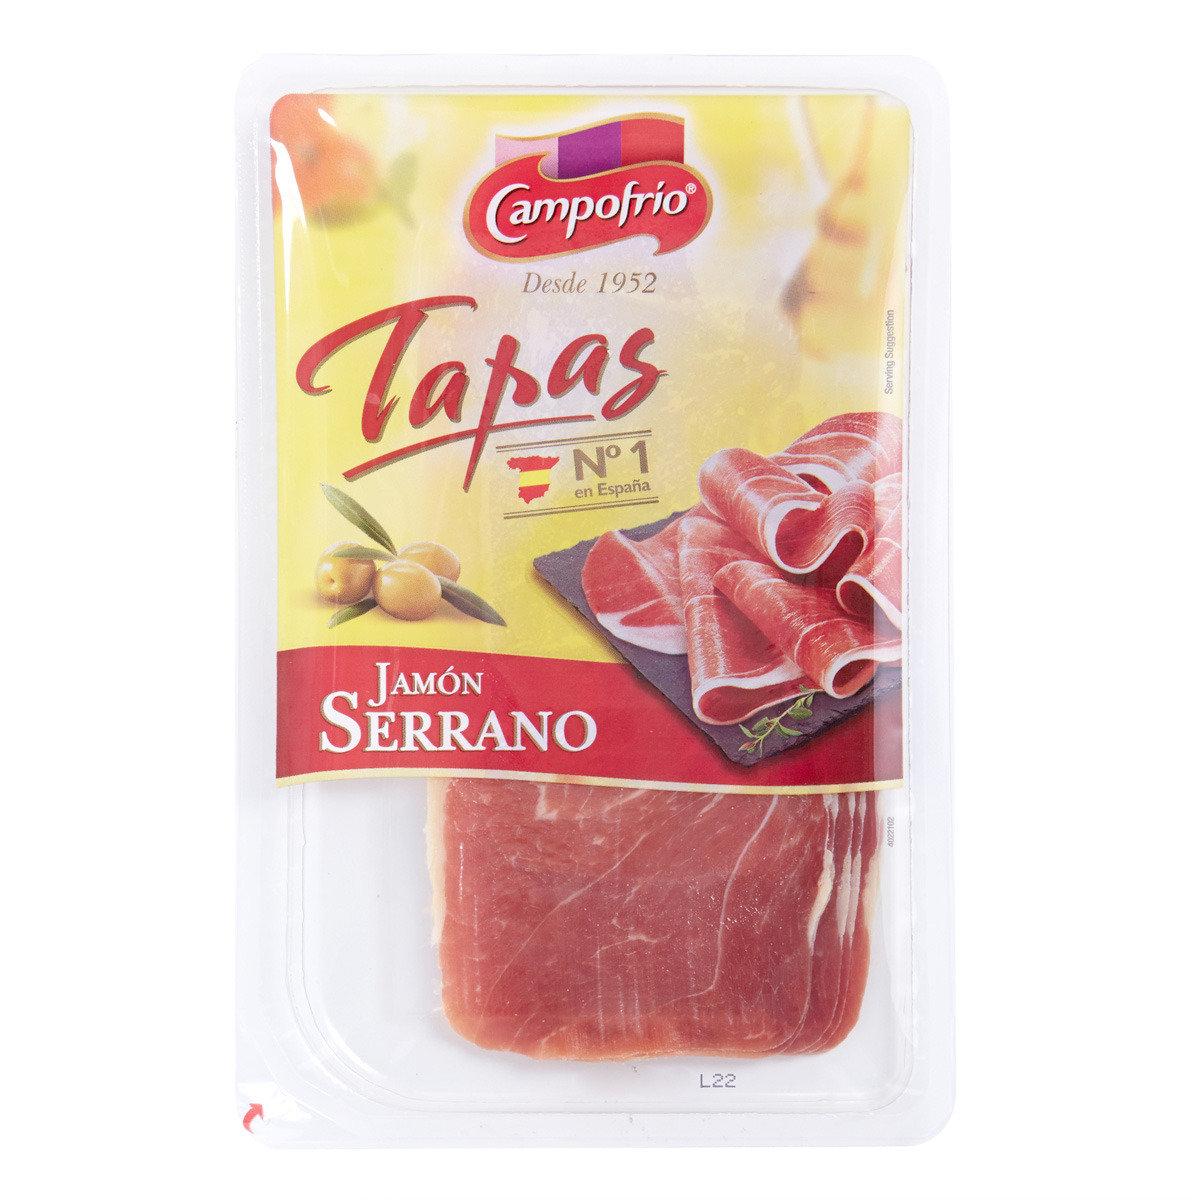 西班牙風乾白豬火腿 (冷凍)